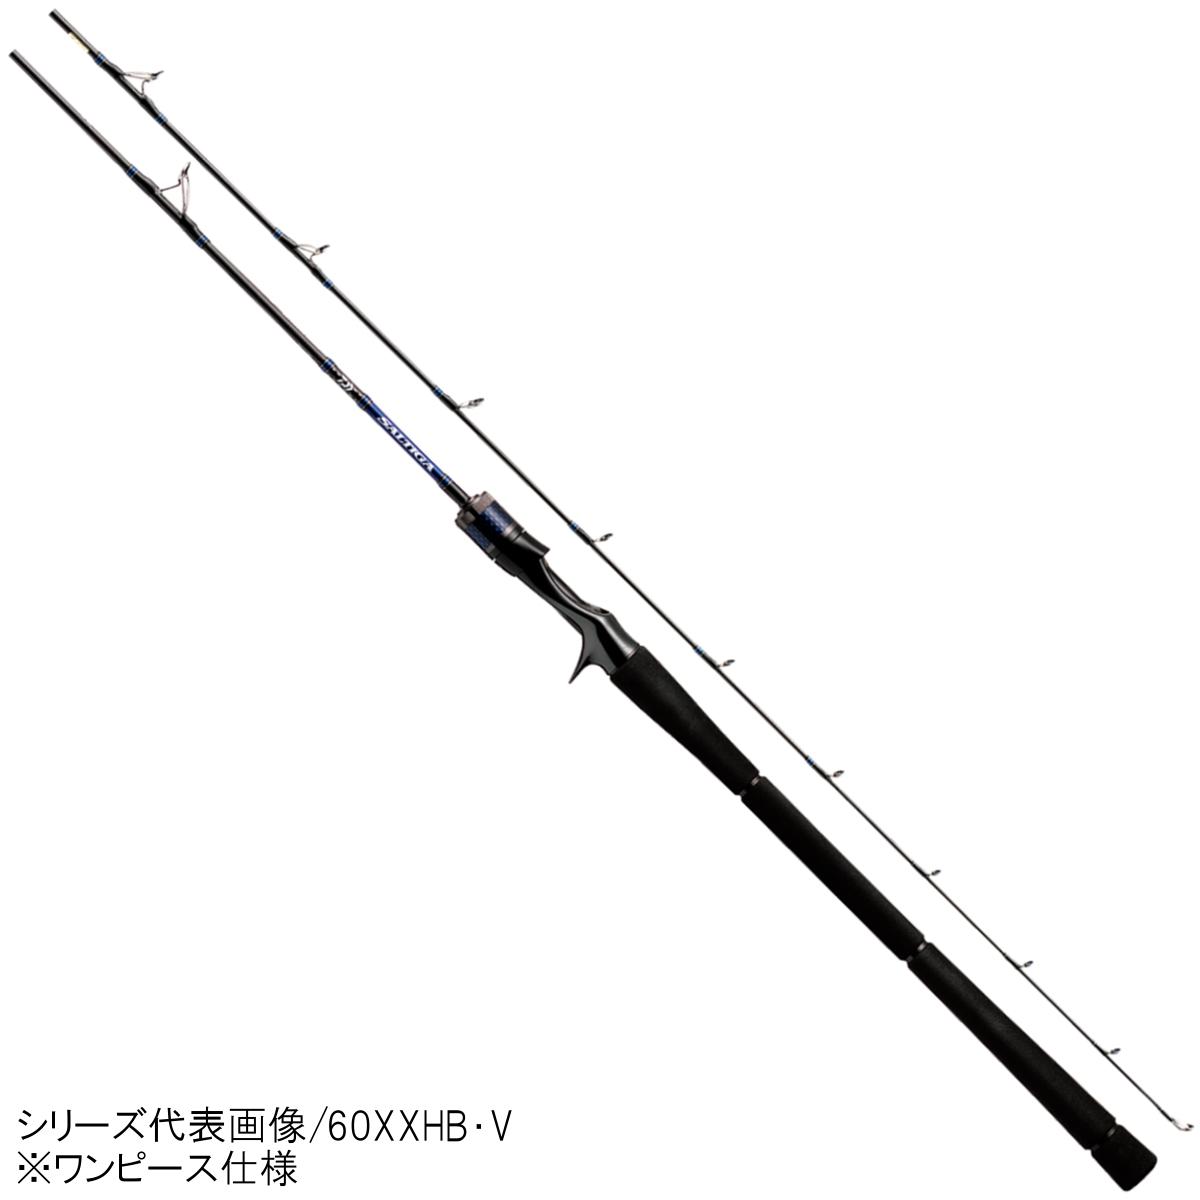 ソルティガ BJ ハイレスポンス 60XXXHB・V ダイワ【大型商品】【同梱不可】